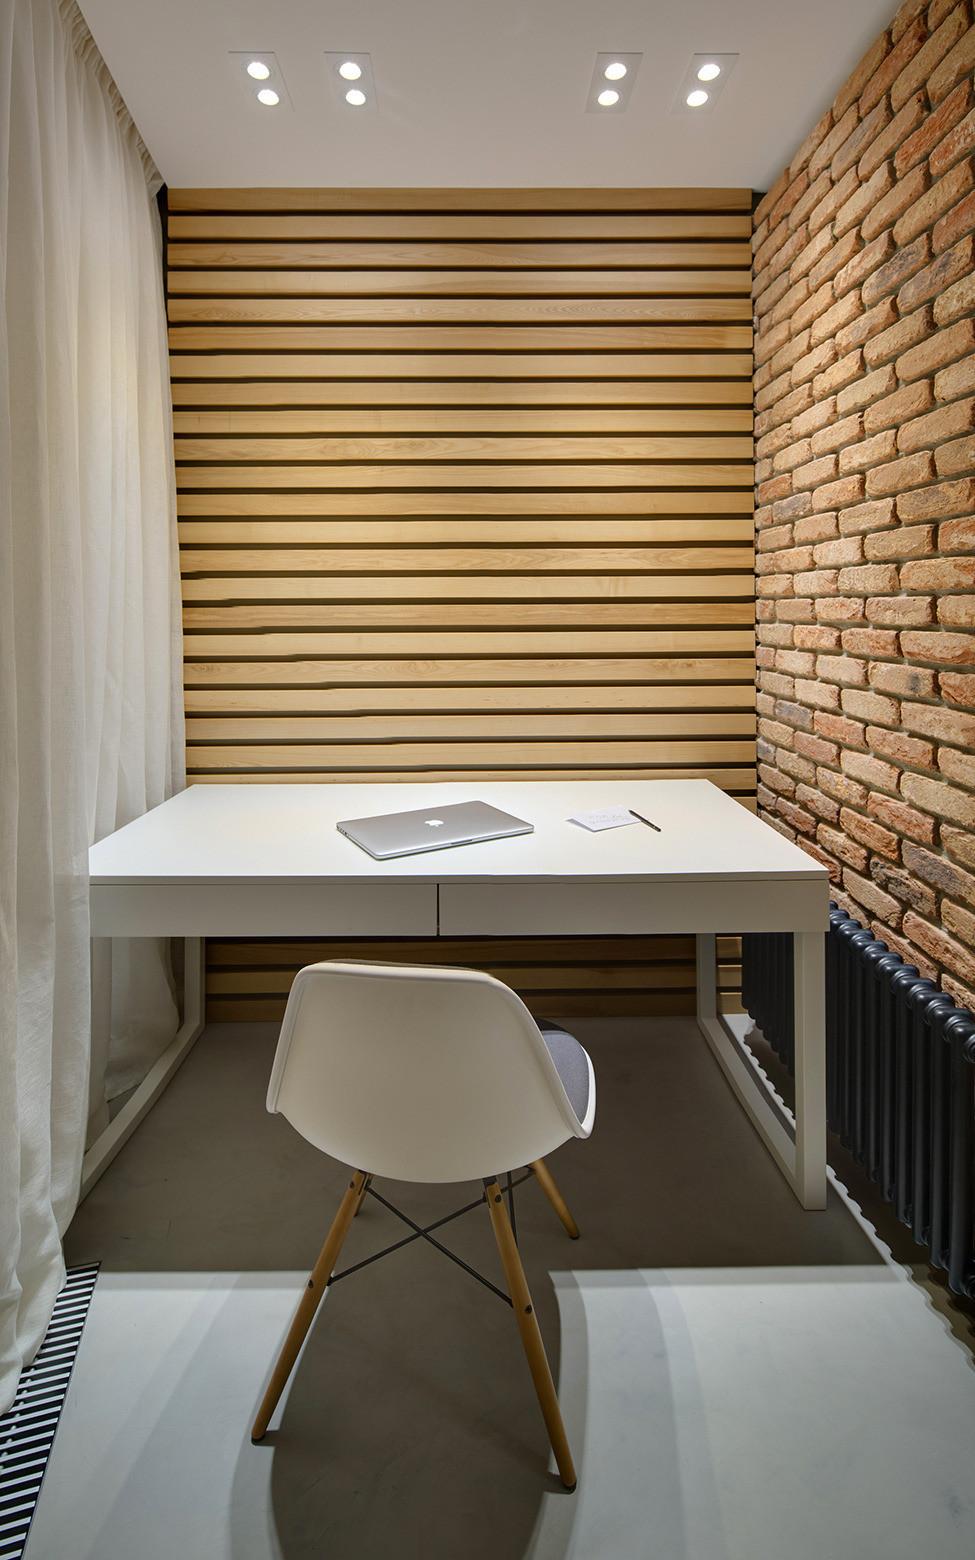 120 кв. м апартамент за разточителна почивка - 29